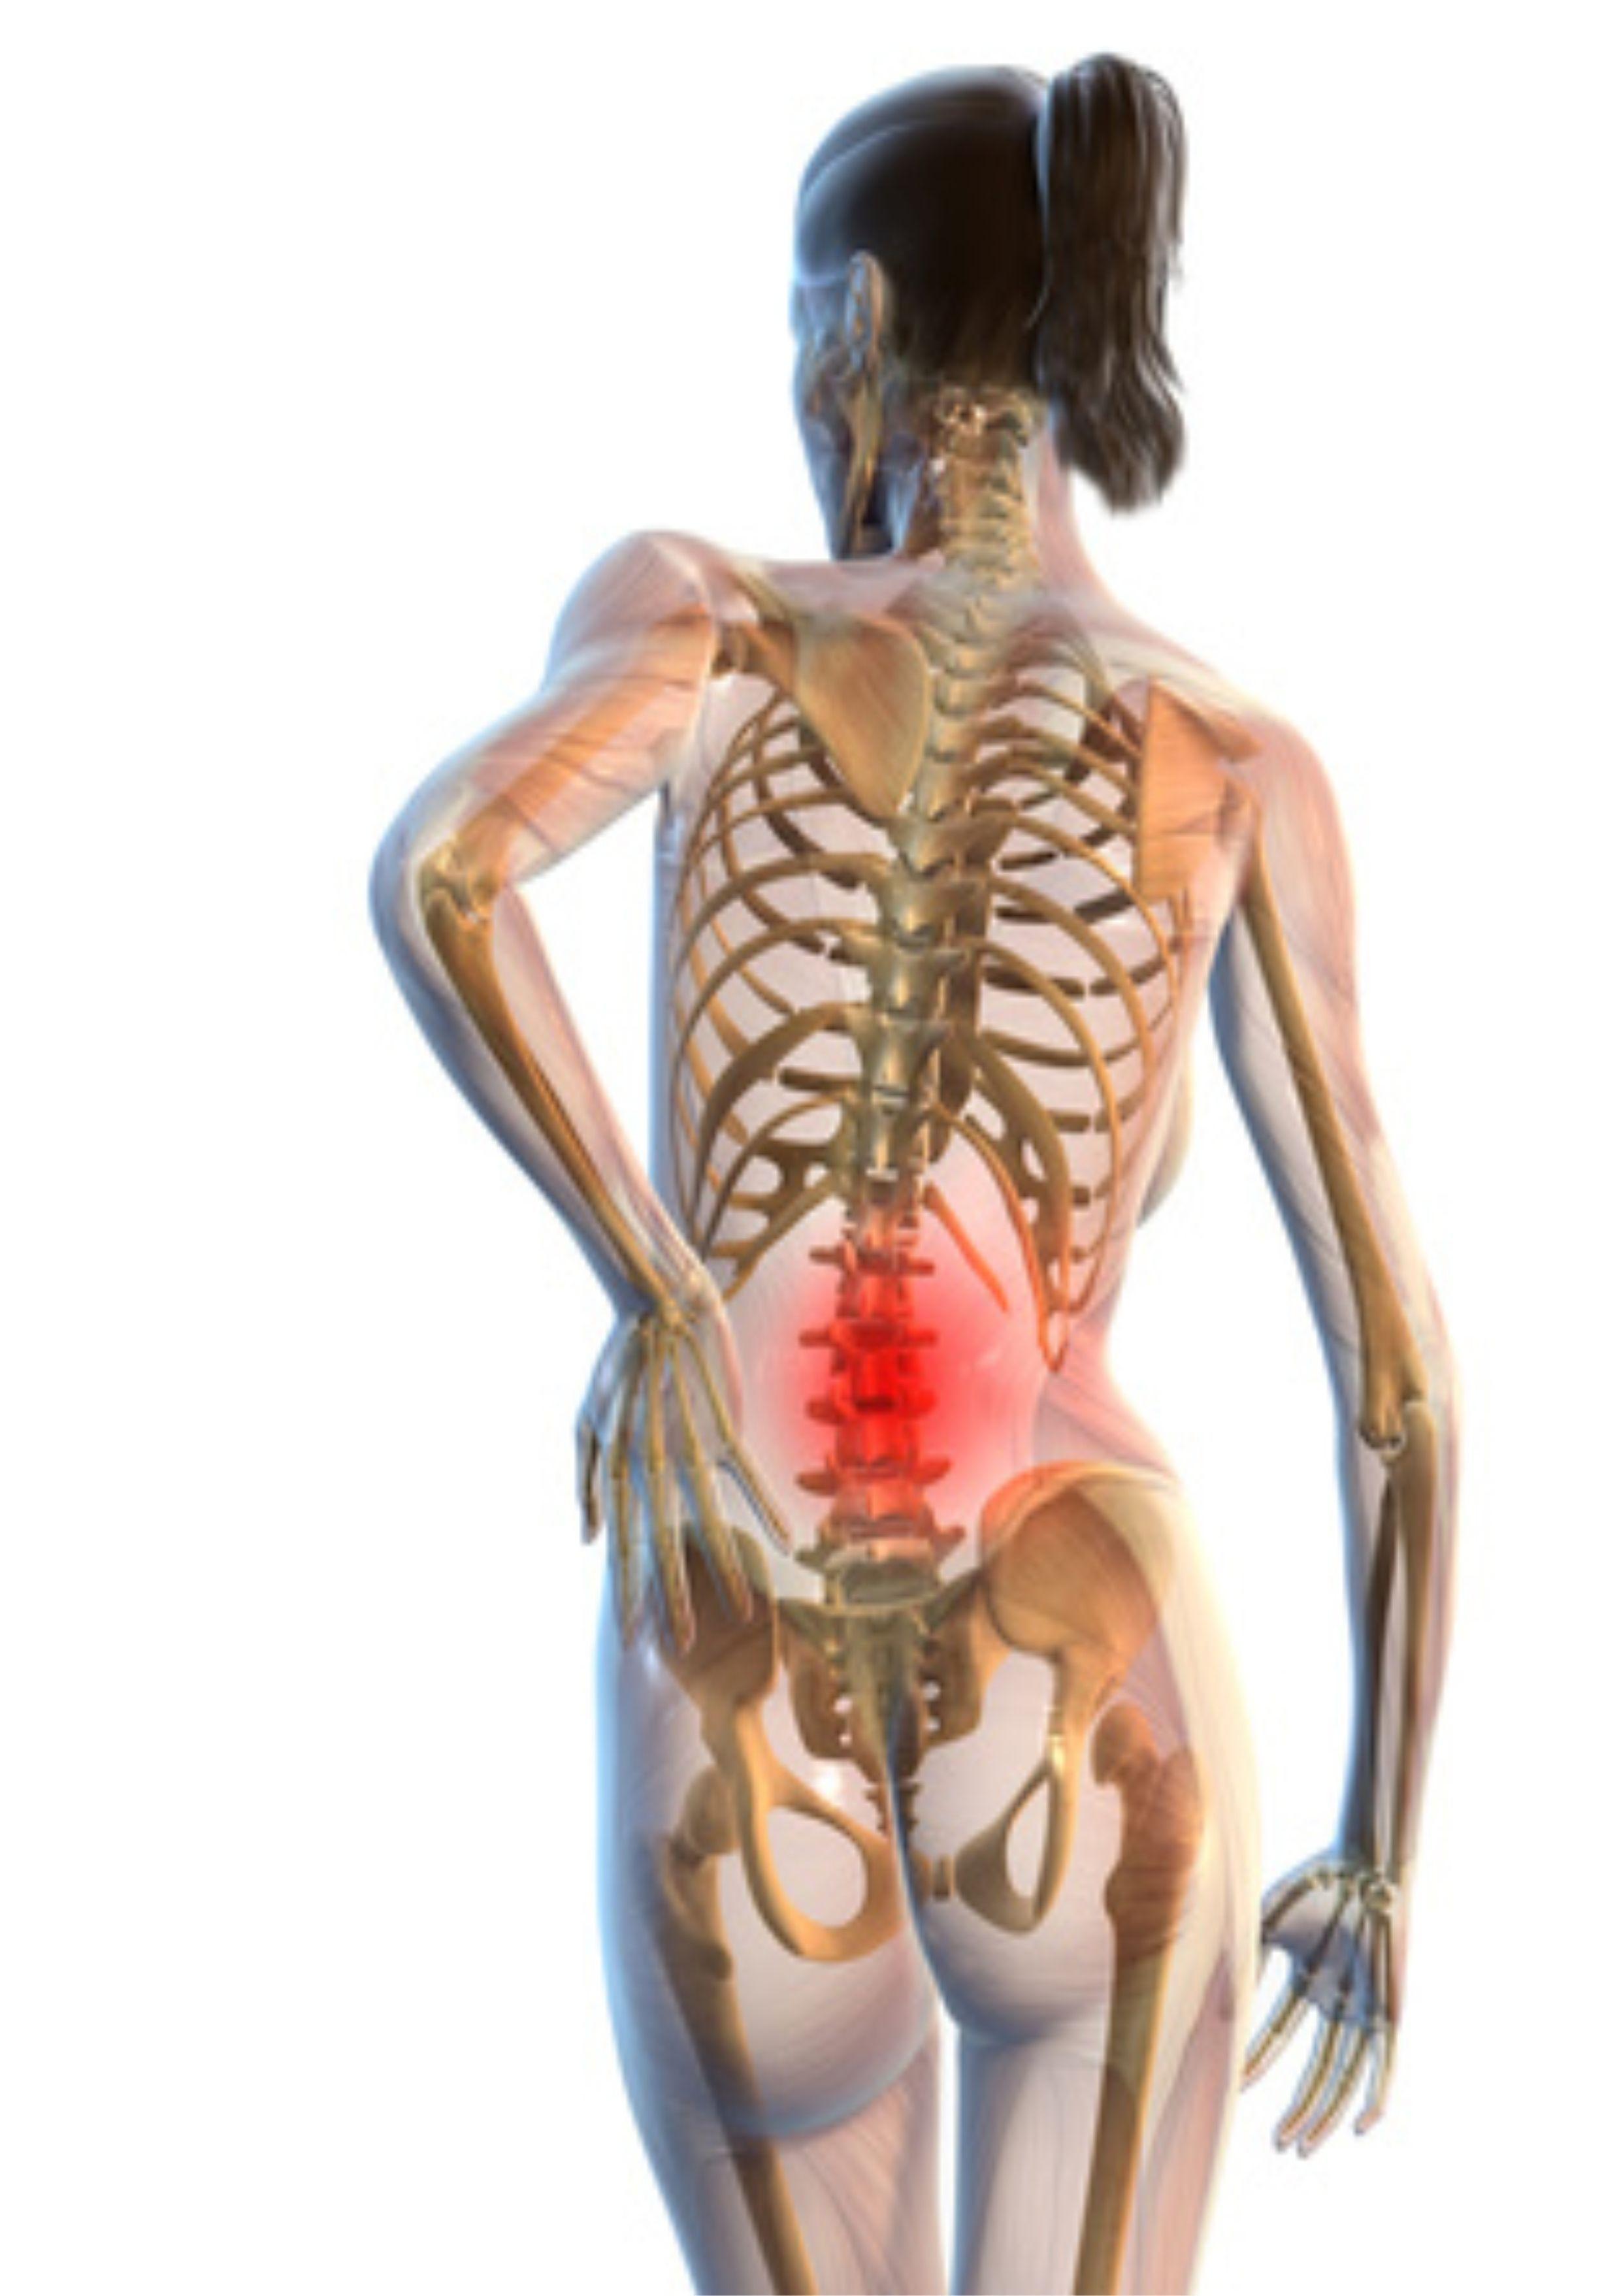 Как устранить боль в позвоночнике быстро и эффективно